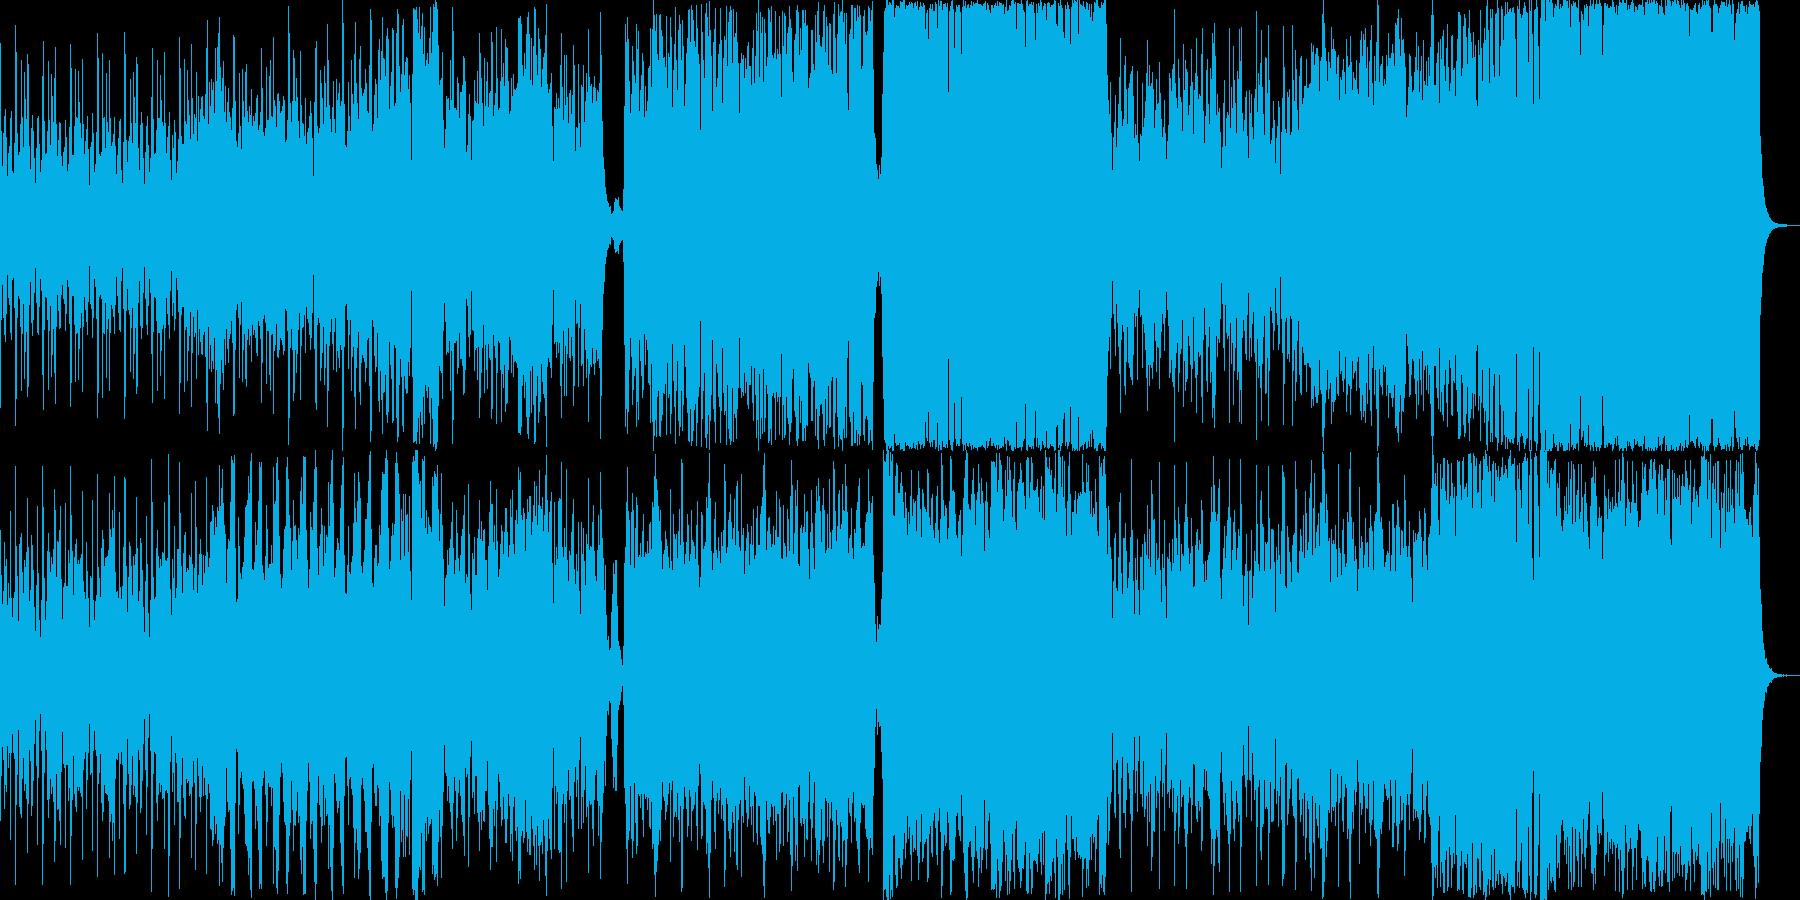 和楽器を中心にした激しいオーケストラ楽曲の再生済みの波形